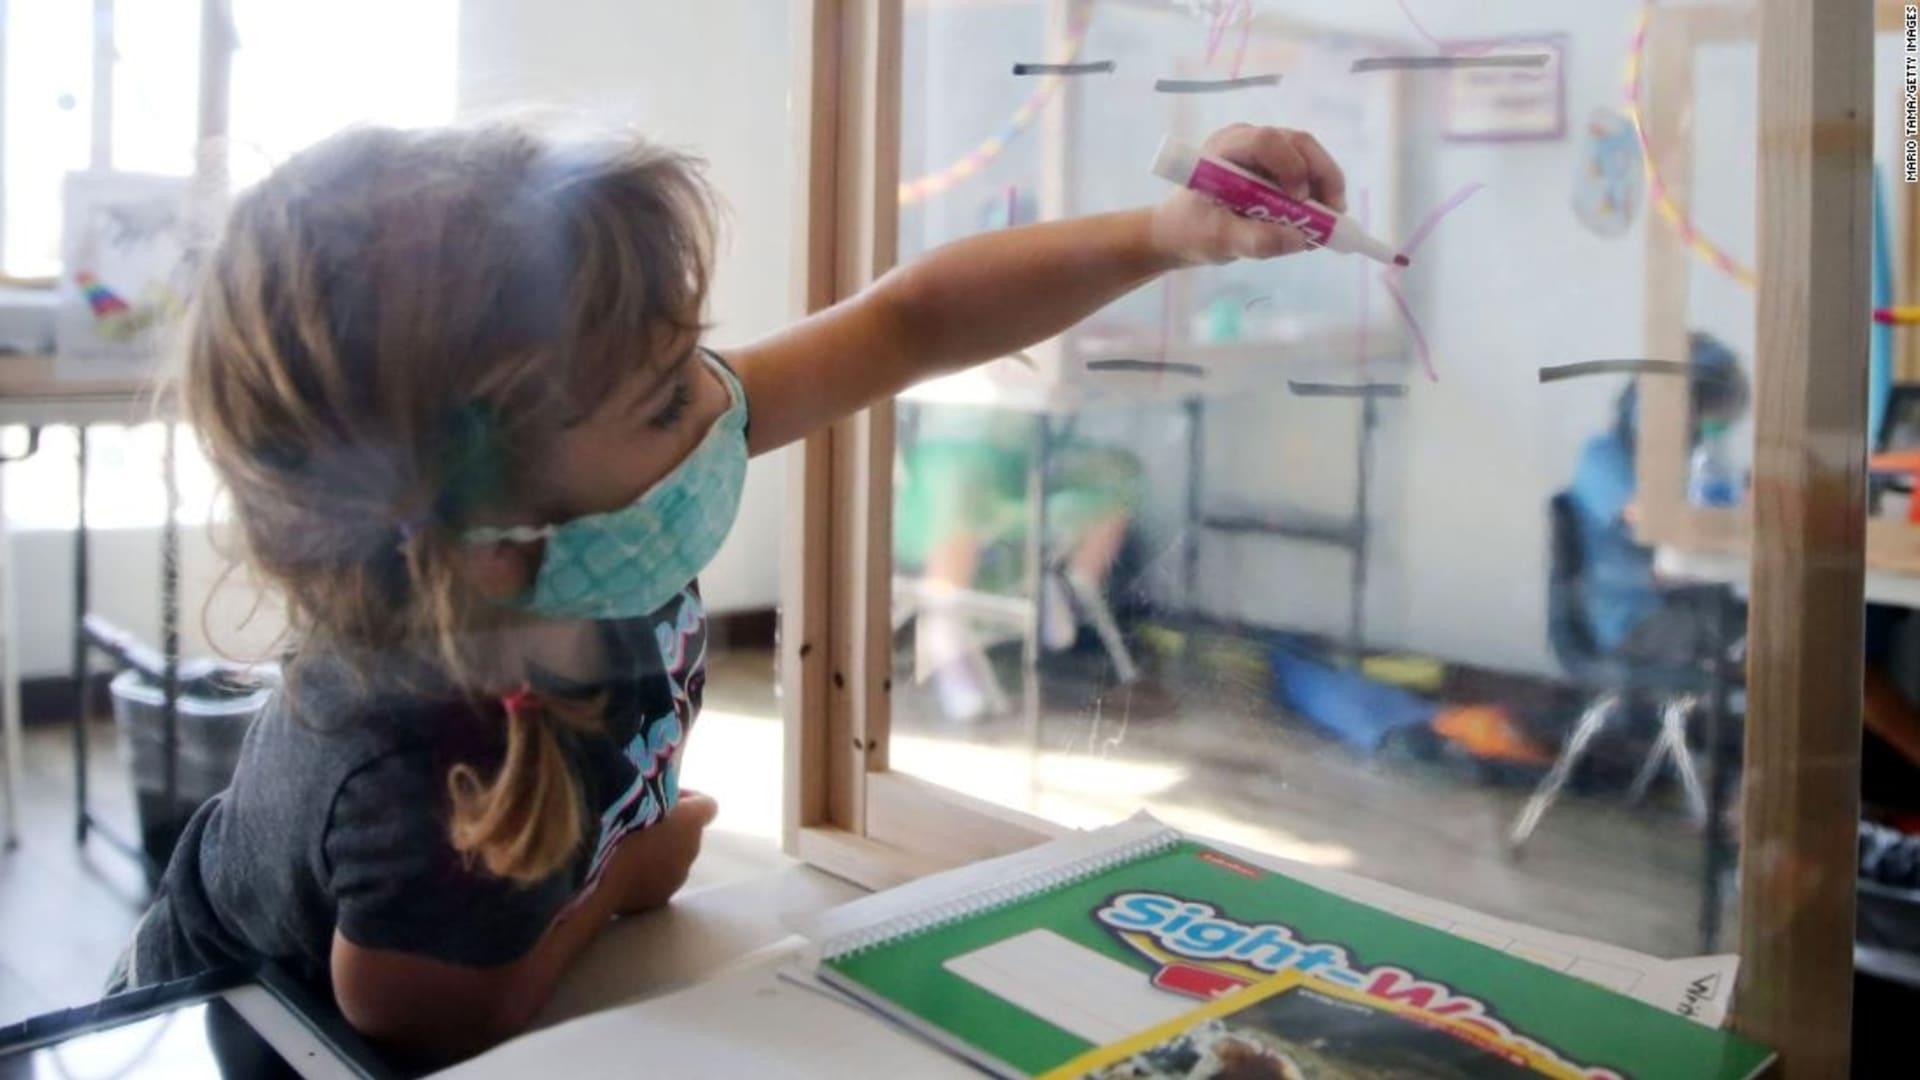 دراسة أمريكية: عدم ارتداء الكمامات في المدراس يزيد خطر الإصابة بكورونا بأكثر من 3 أضعاف